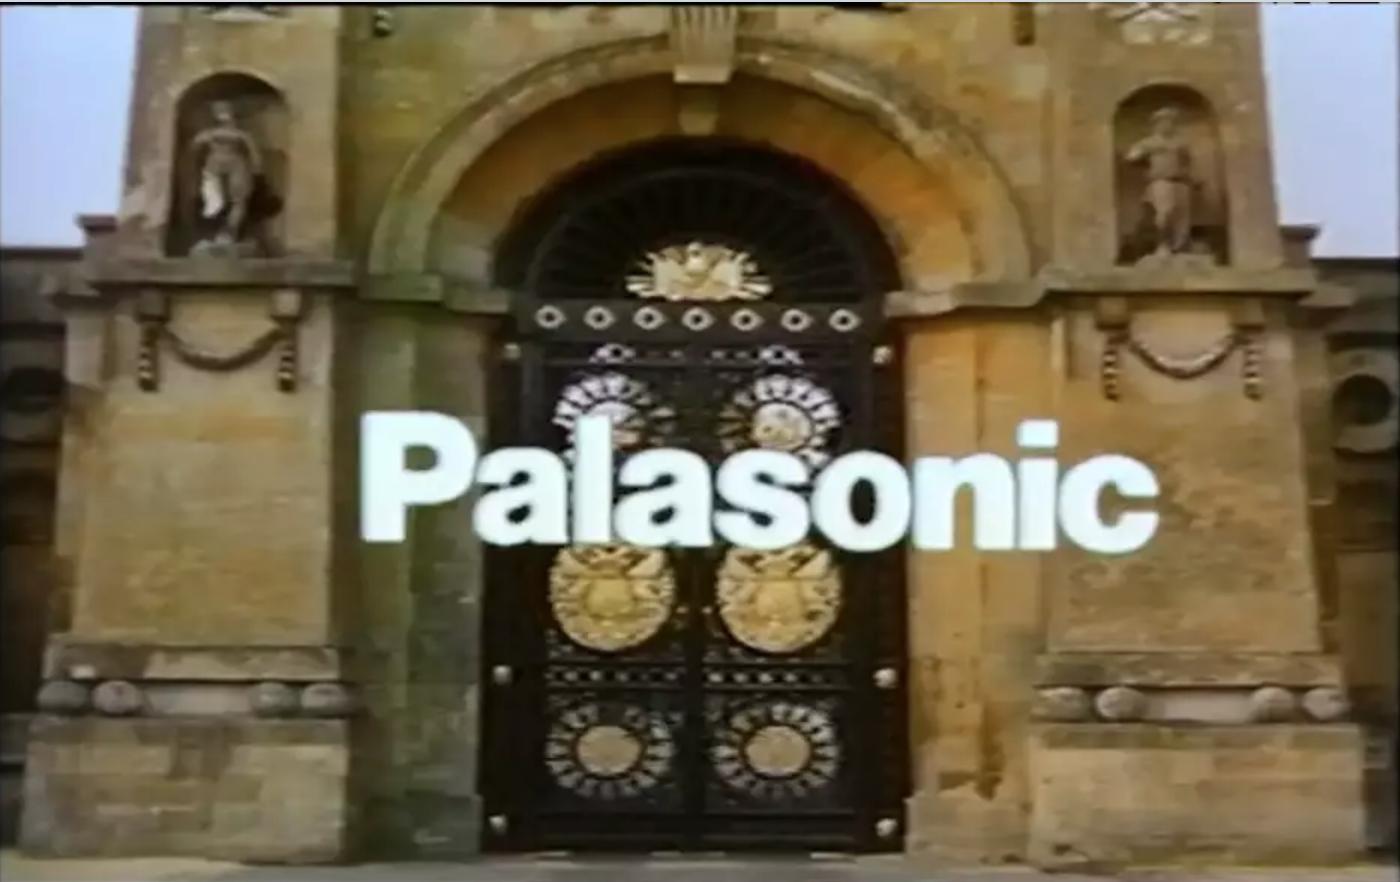 Palace Skateboards - Palasonic